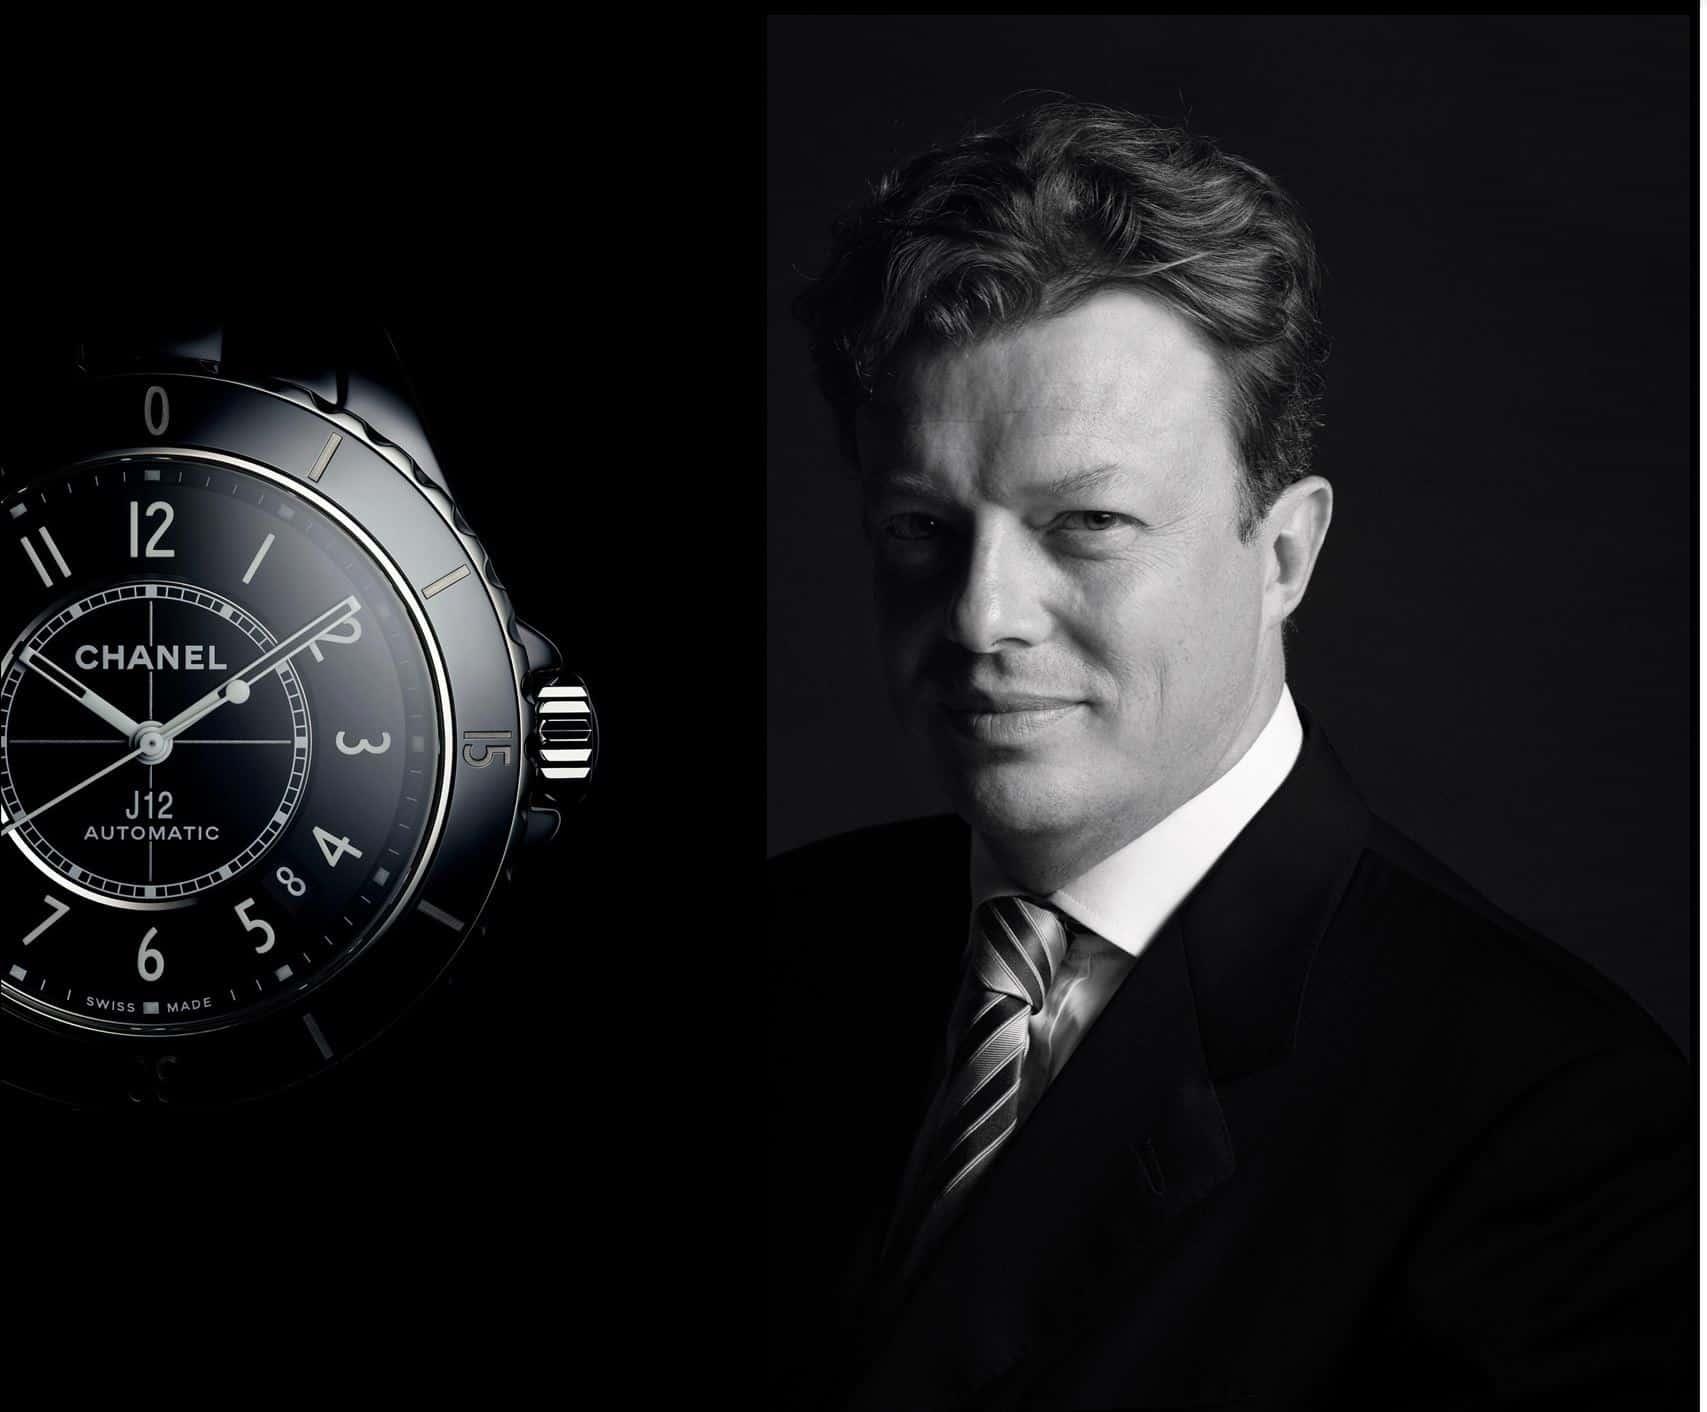 Nicolas Beau leitet das Uhrenbusiness von Chanel und steht auch für die neue Chanel J12 Automatik Weiterentwicklung